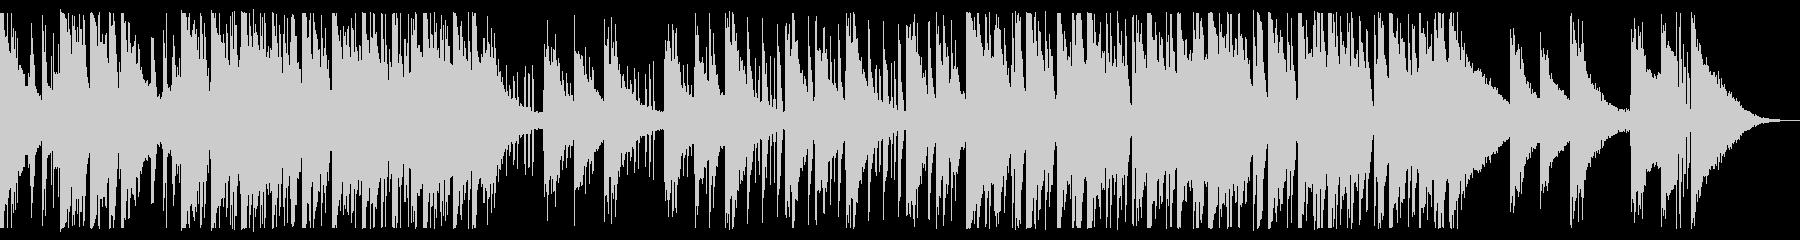 疾走感あるドラムンベース_3の未再生の波形